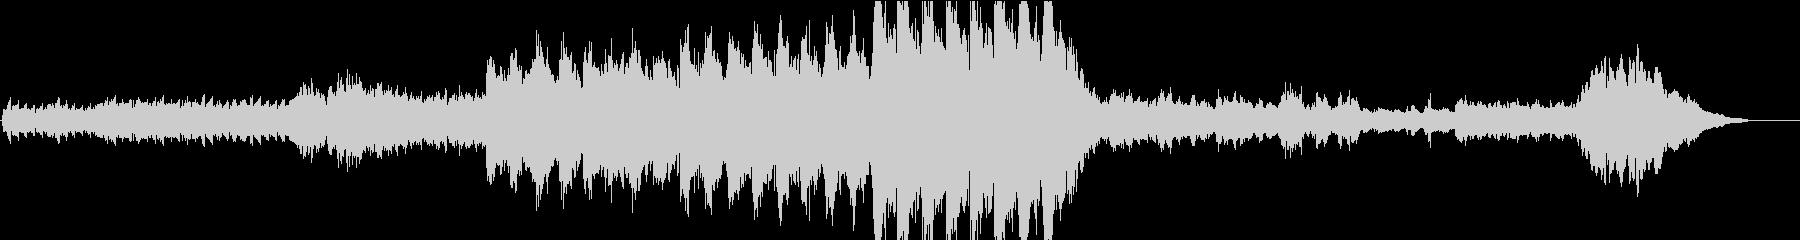 KANTオーケストラ1絶望の囁きの未再生の波形